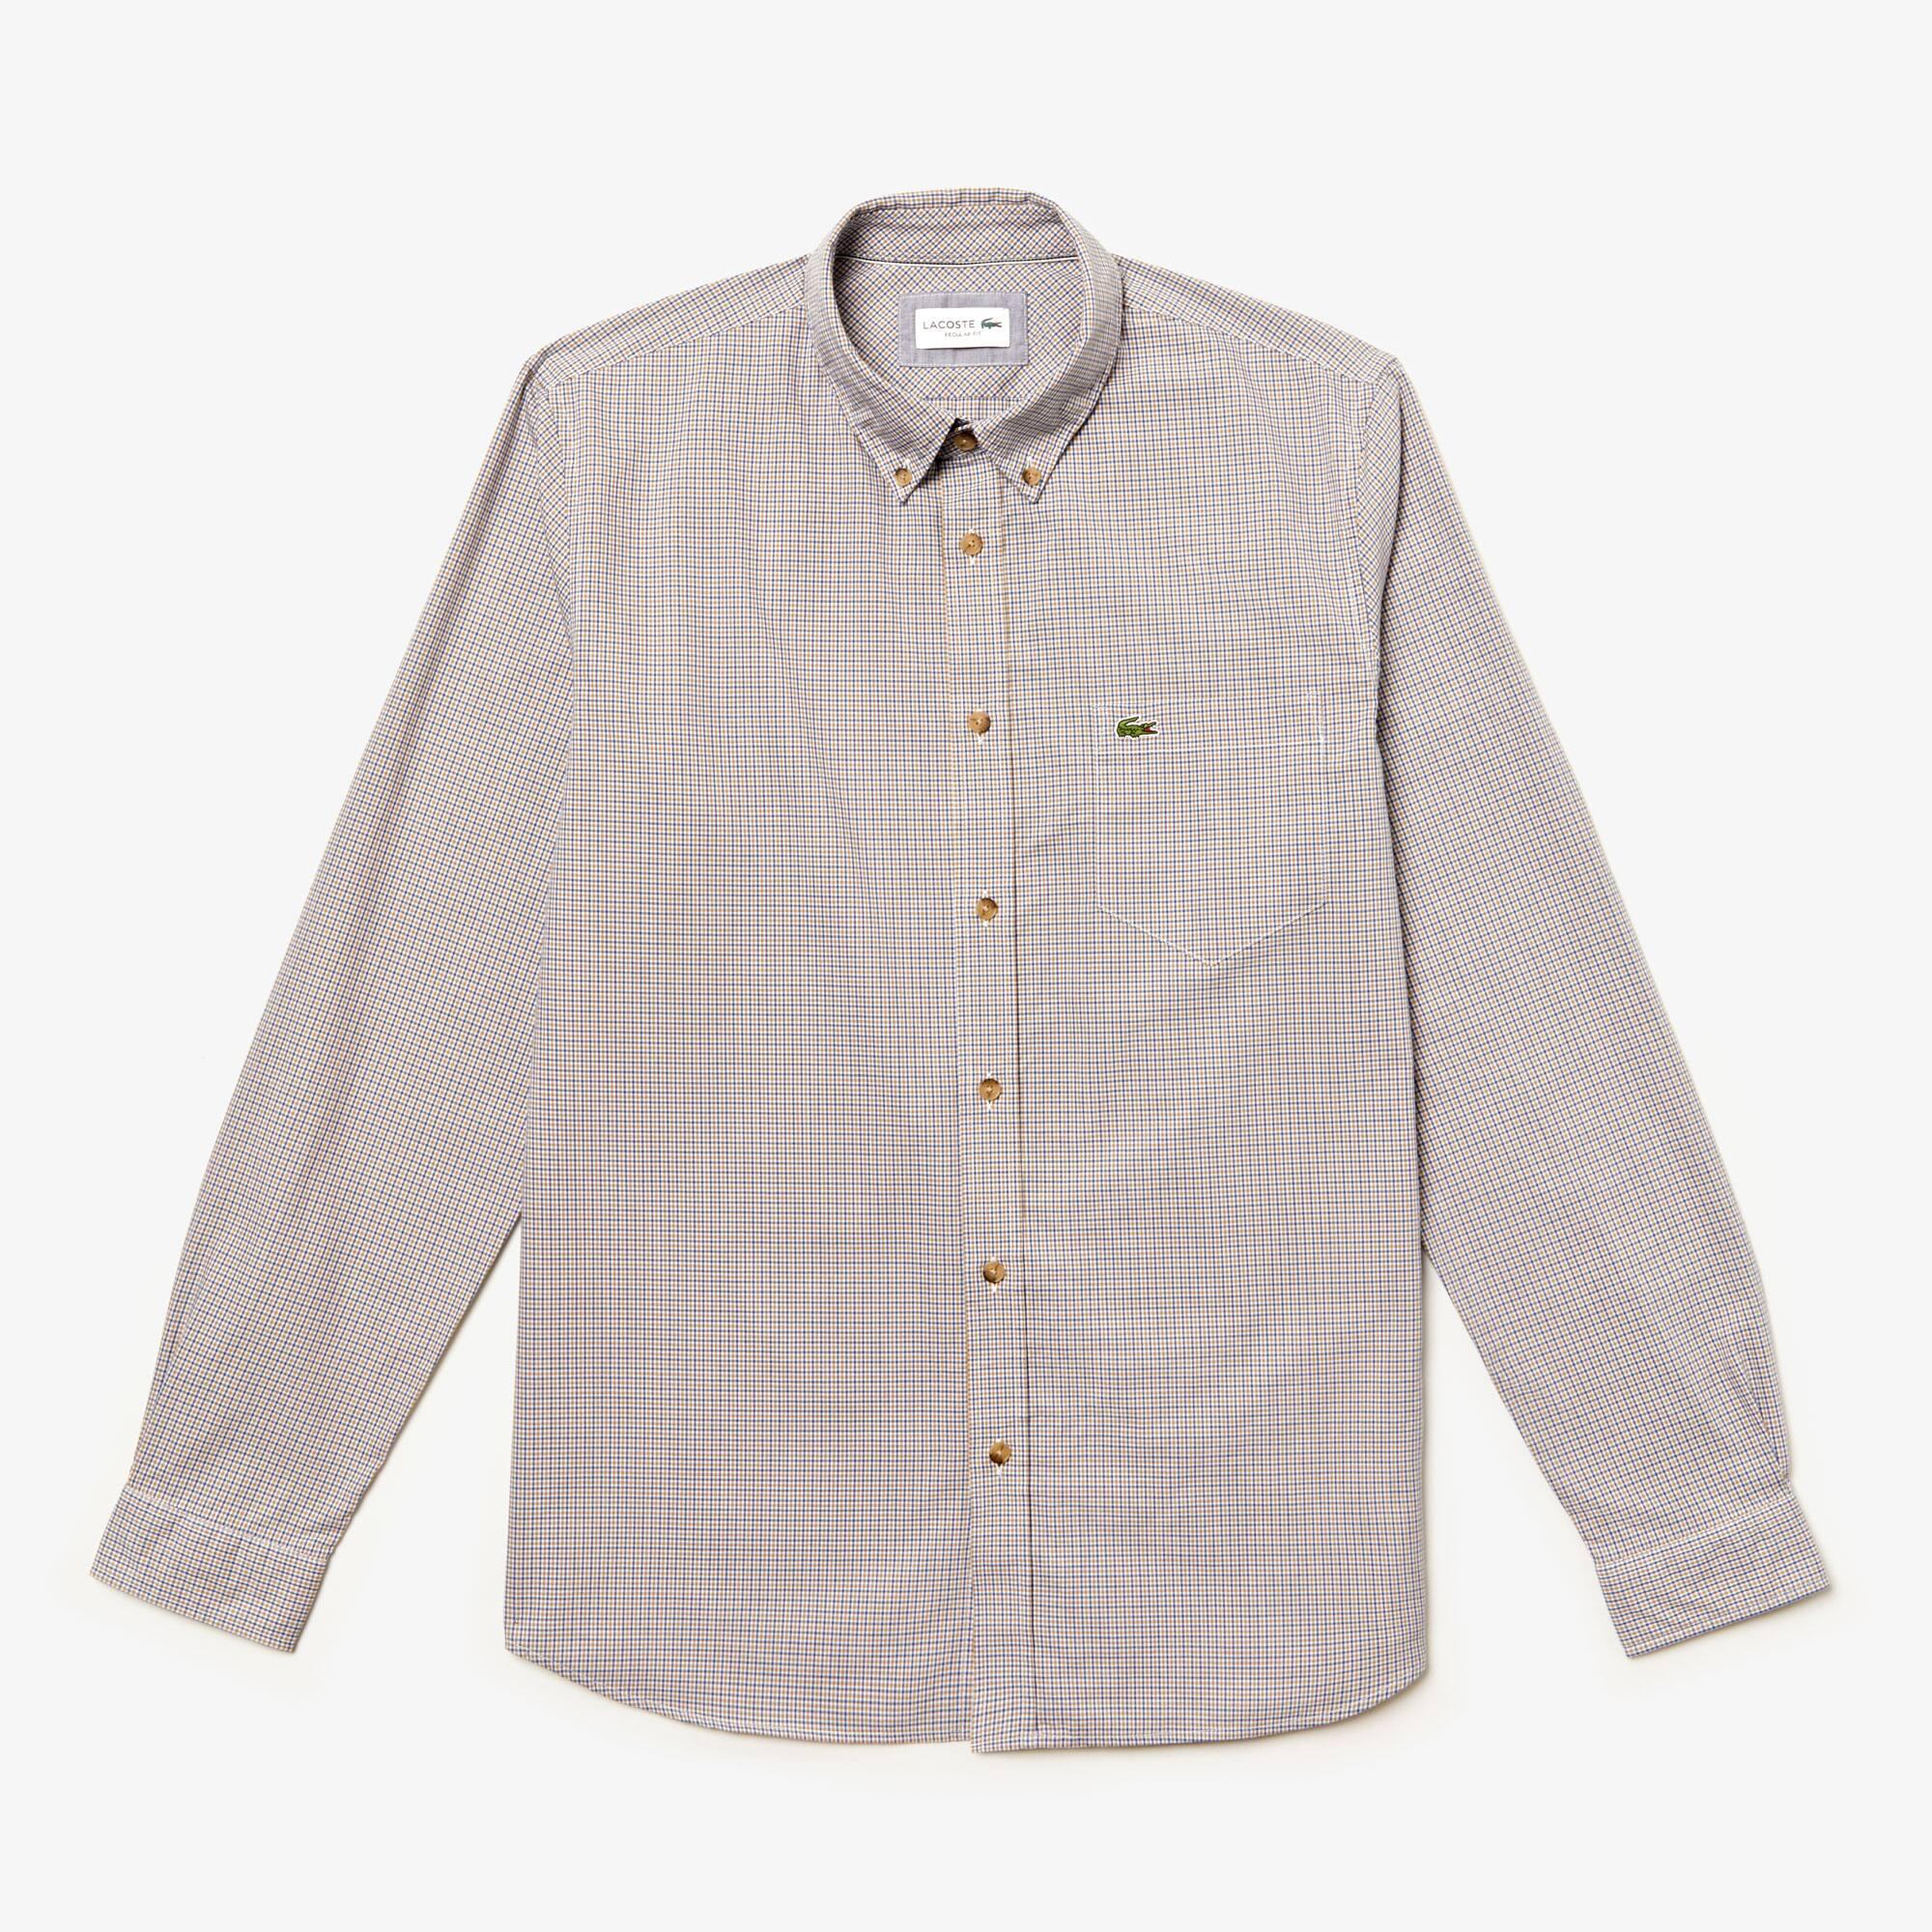 4ea7994a4c Camicie da uomo | Collezione uomo | LACOSTE